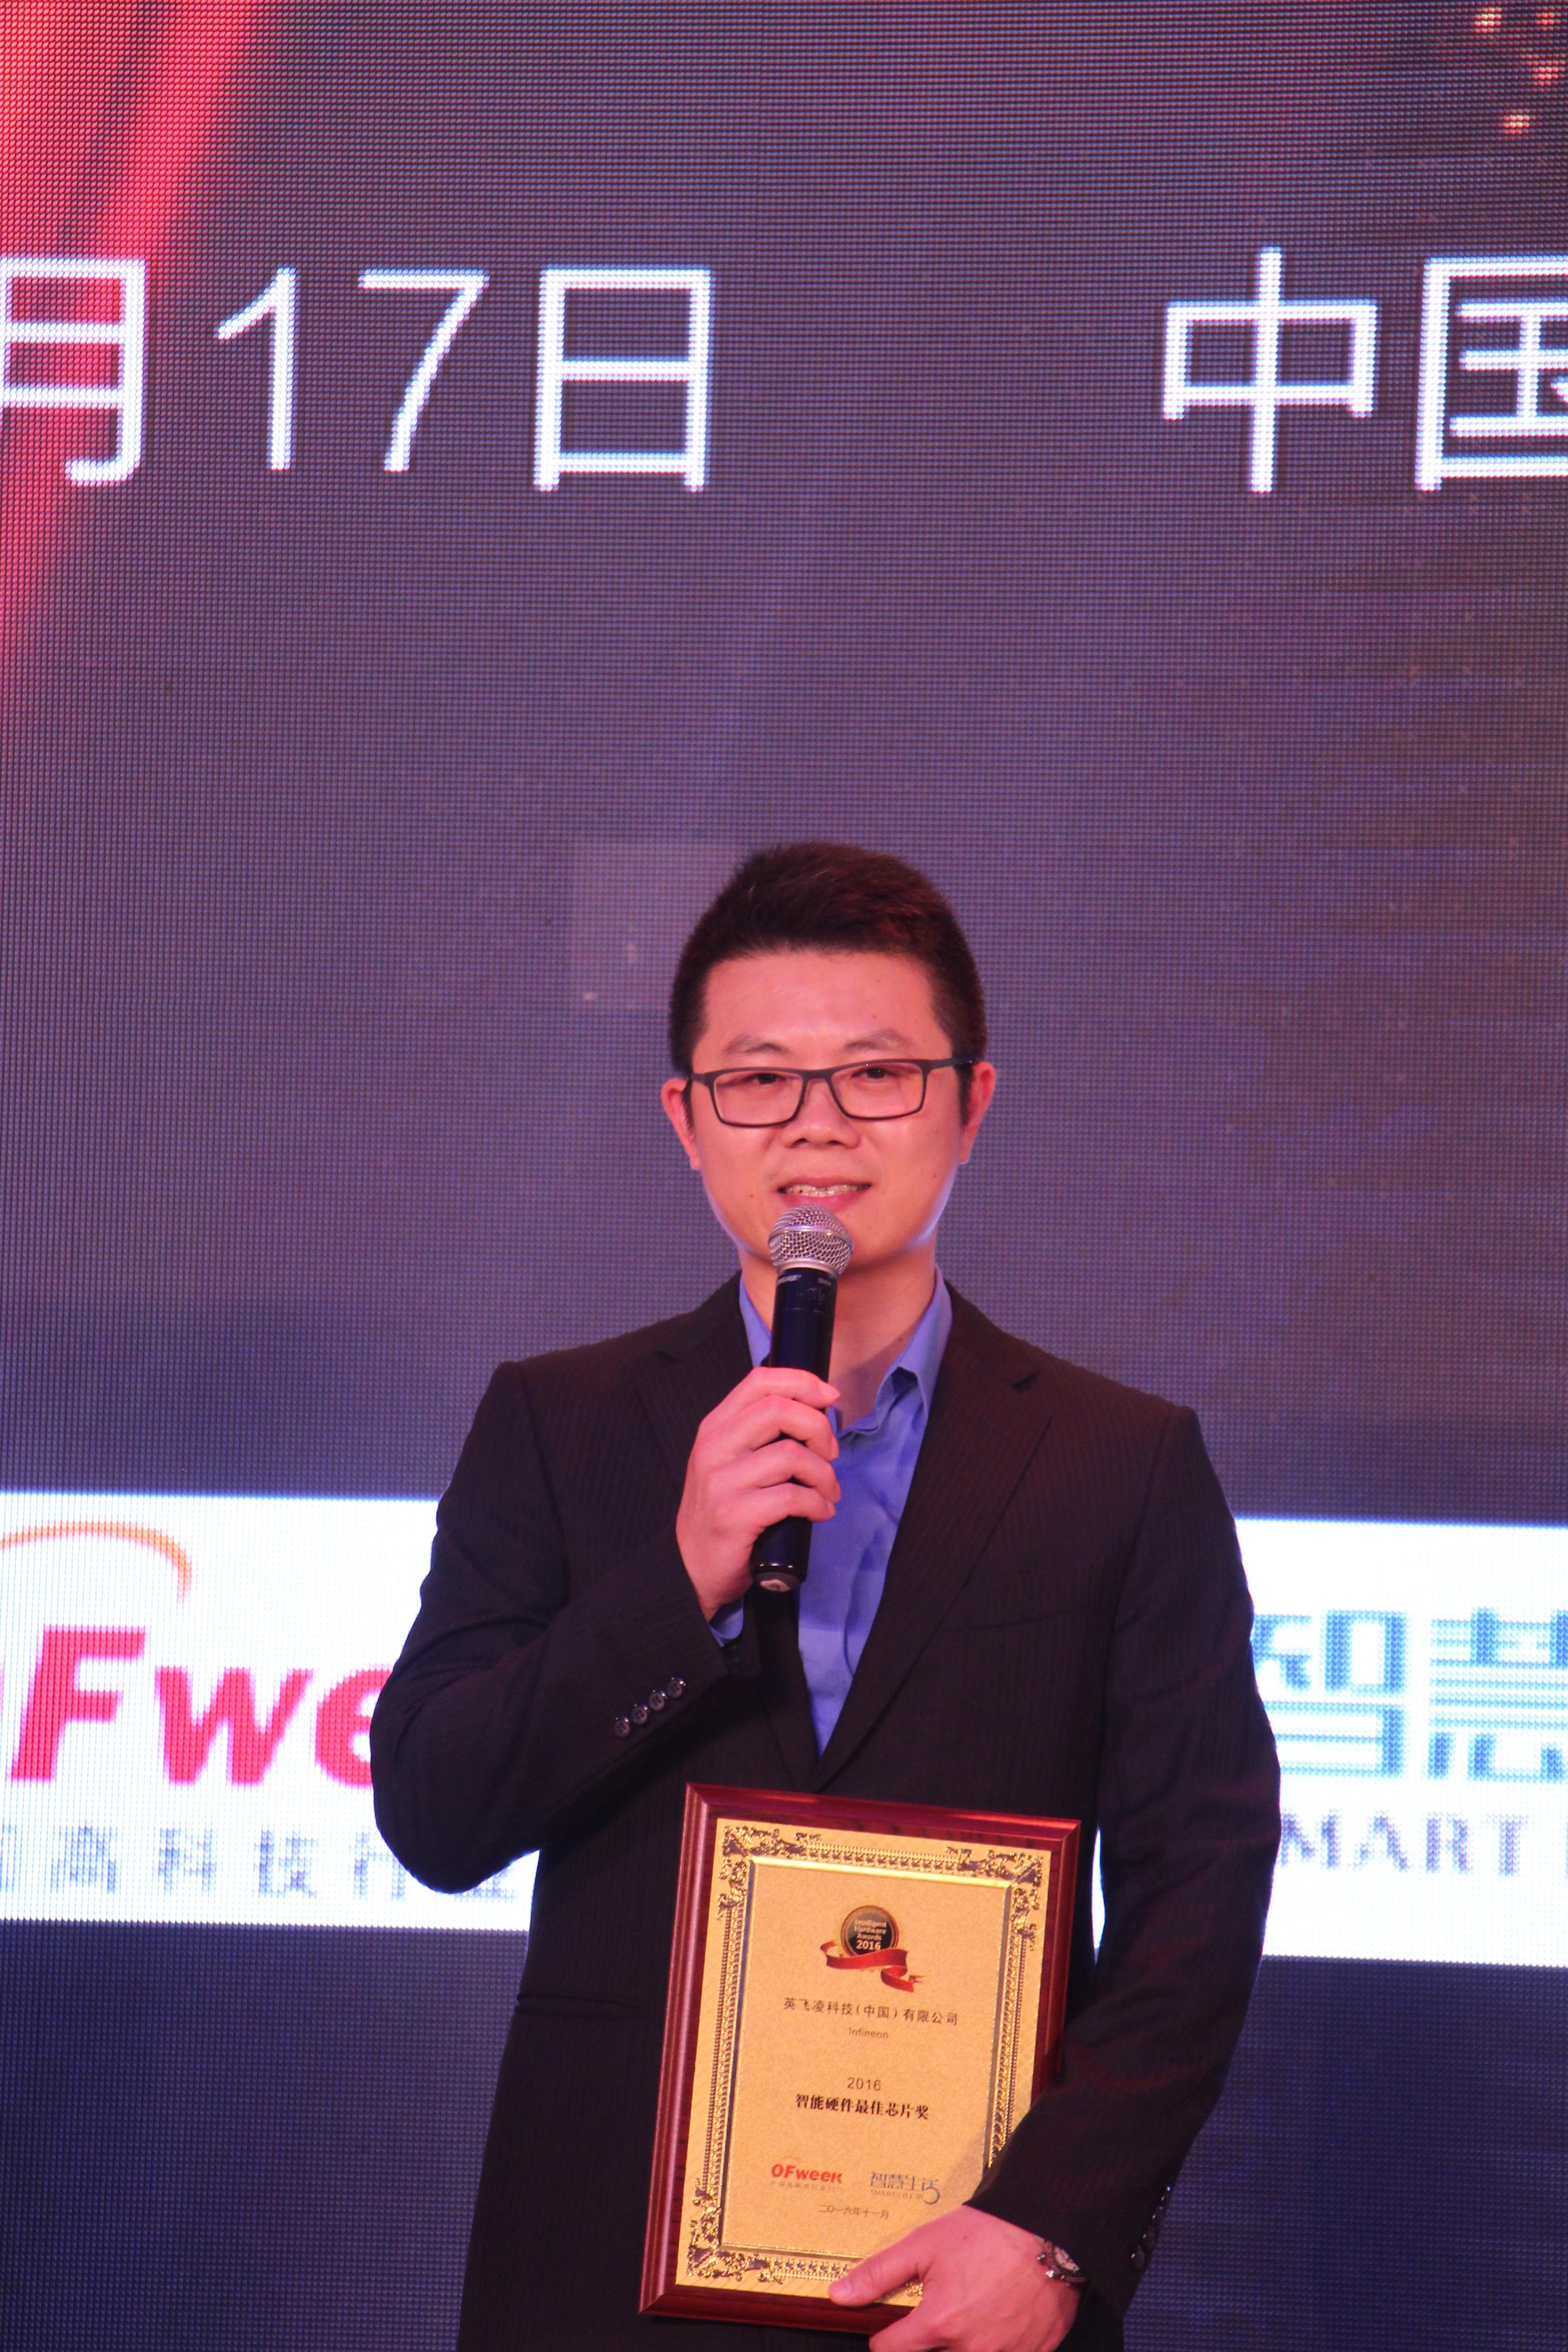 """英飞凌科技(中国)有限公司获China Intelligent Hardware Awards 2016""""智能硬件最佳芯片奖"""""""